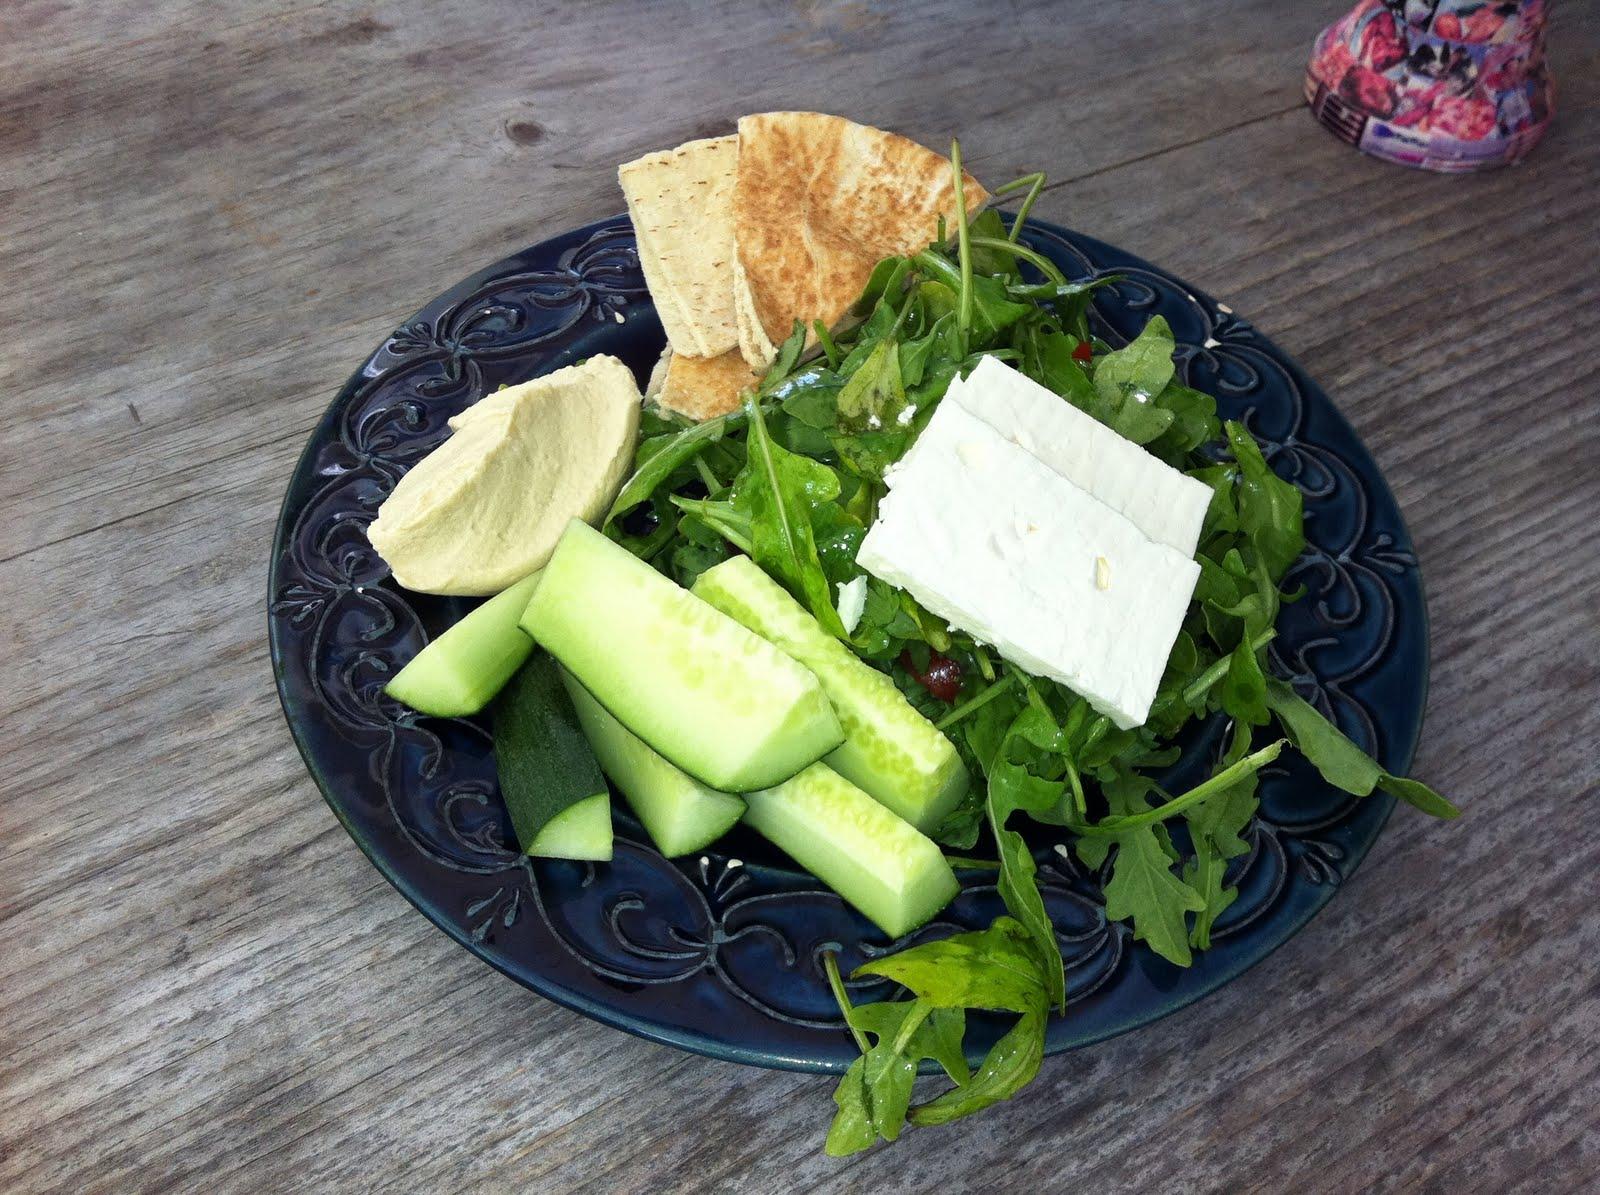 Hummus Salad Plate